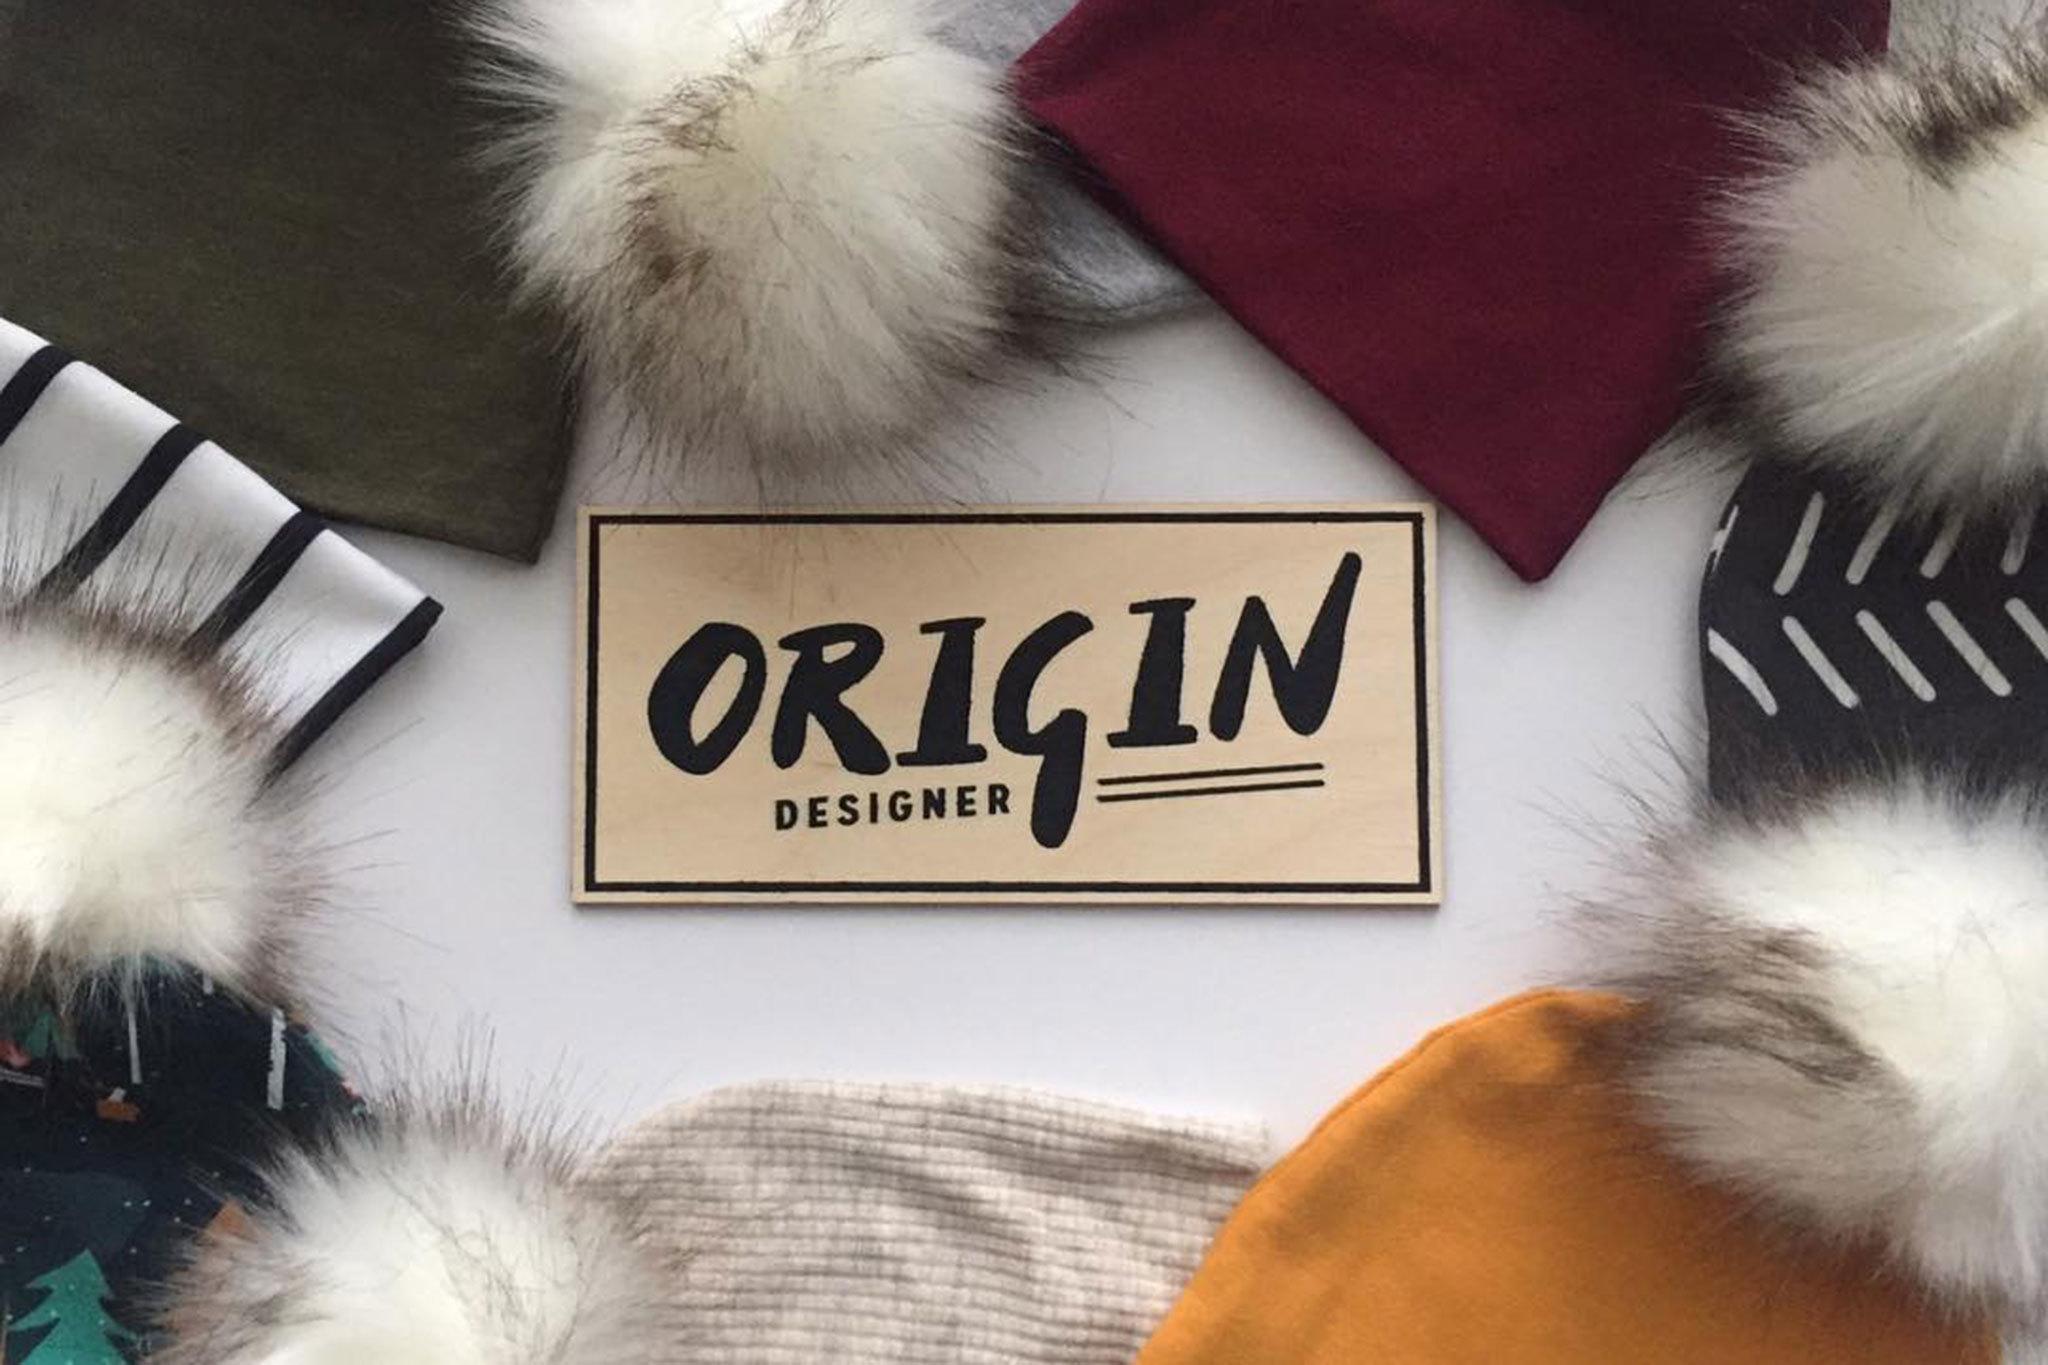 Origin Designer